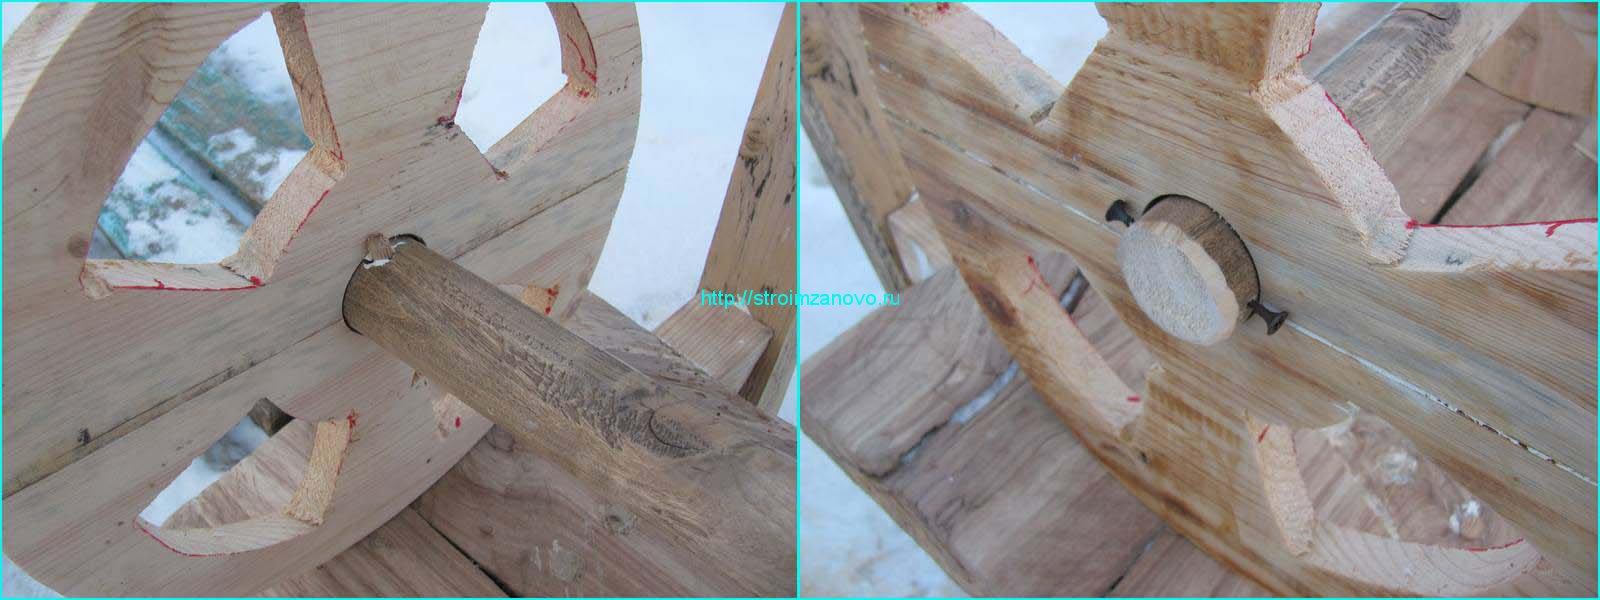 Как сделать деревянное колесо своими руками фото 31